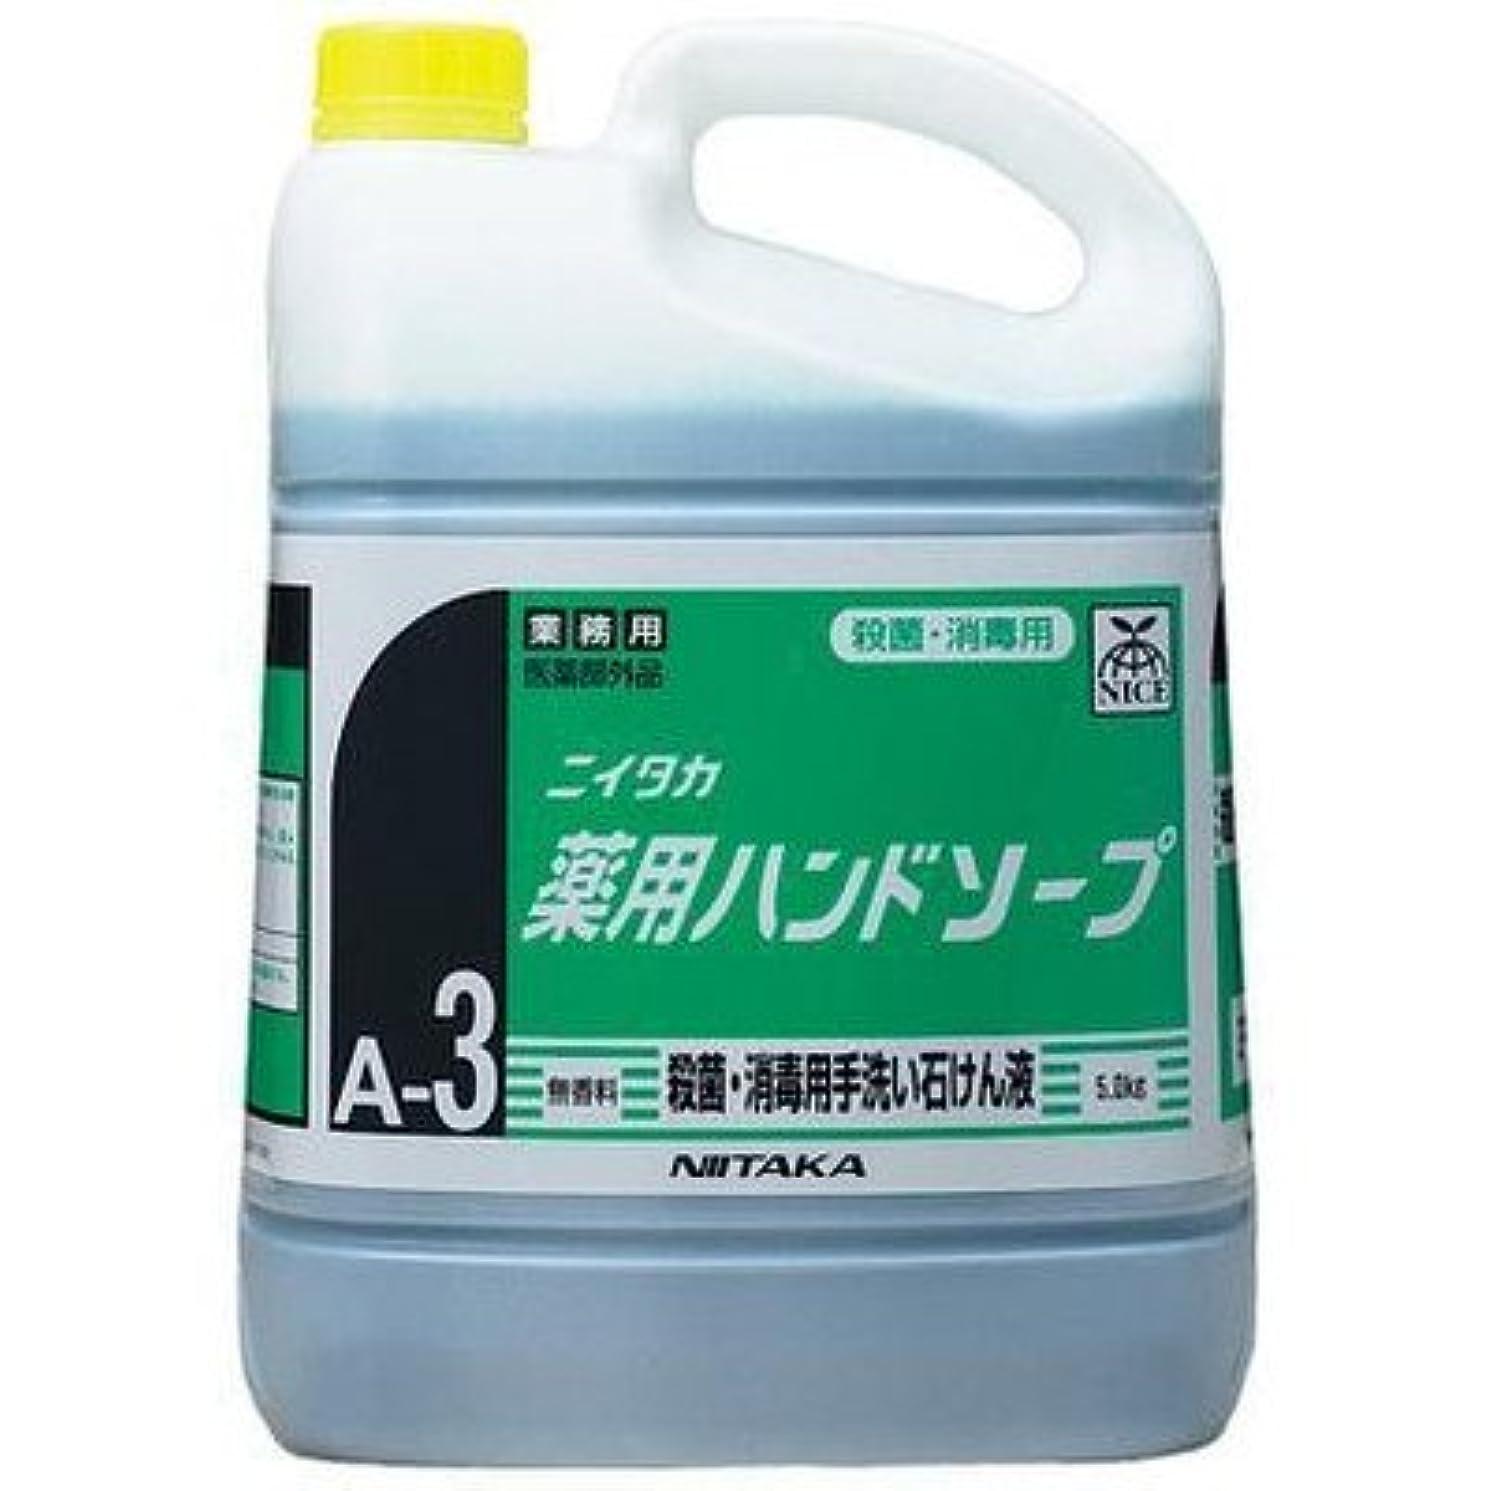 相対的意志に反するガラスニイタカ 業務用手洗い石けん液 薬用ハンドソープ(A-3) 5kg×3本